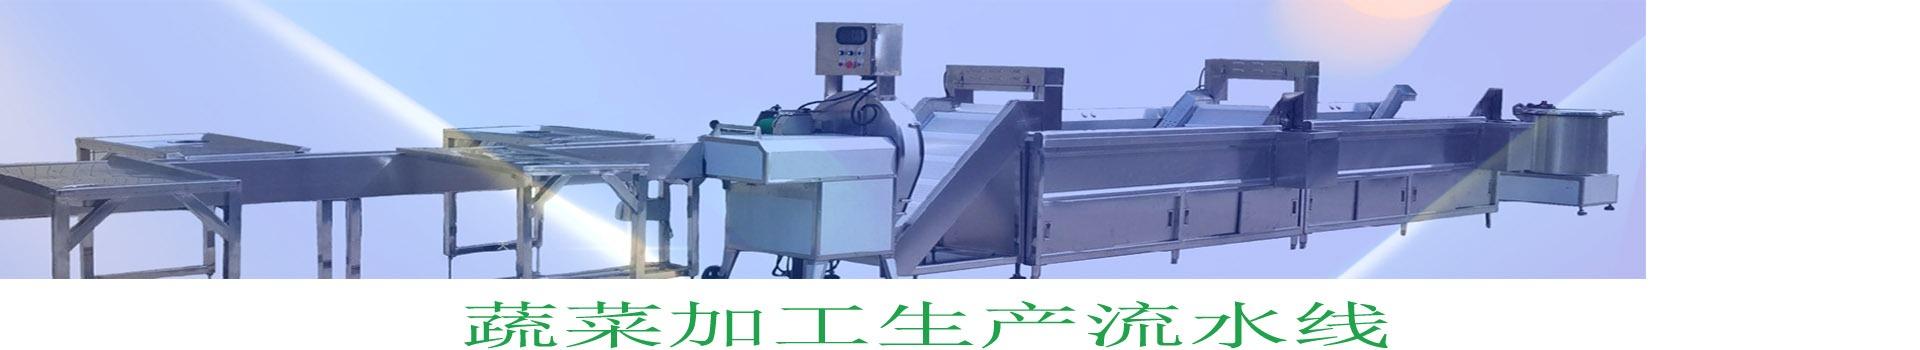 食堂自动洗菜机,连续式洗菜机